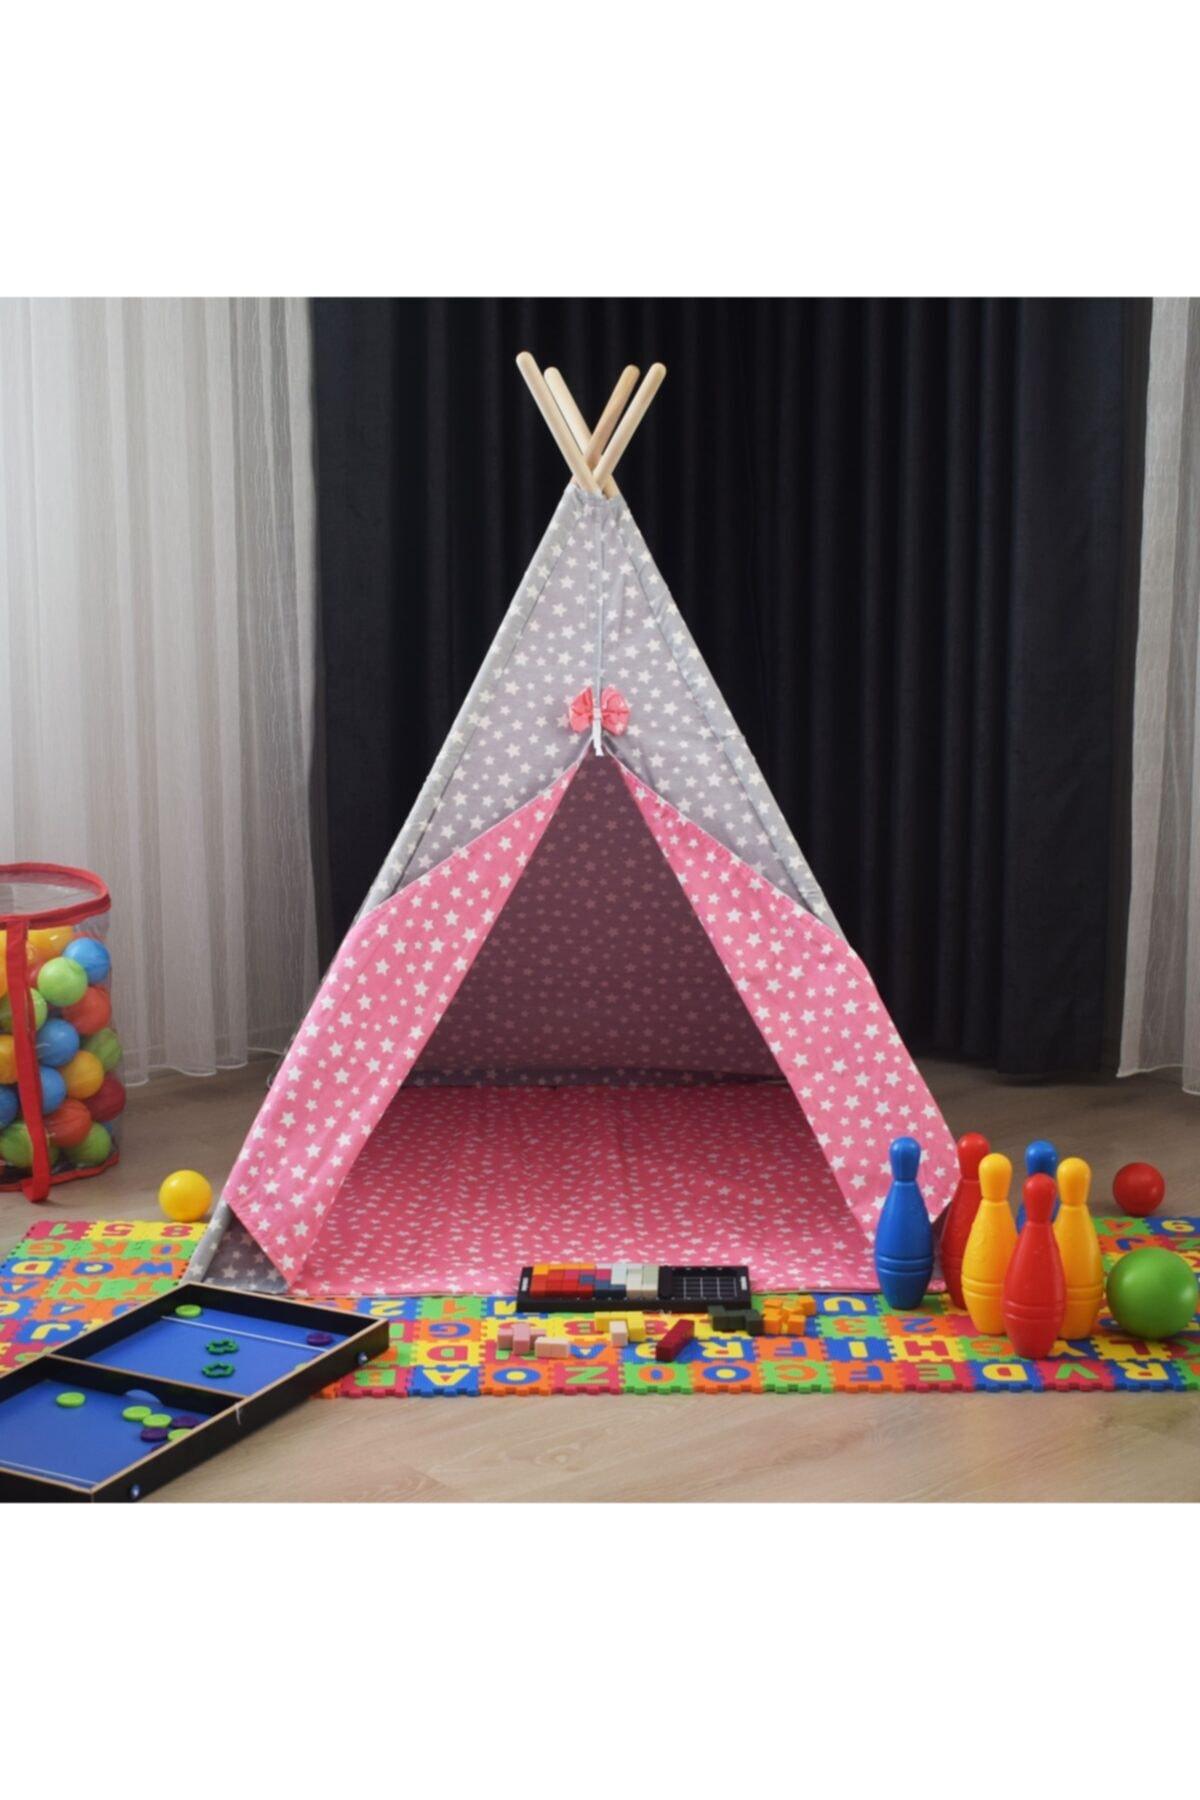 Pamuklu Ahşap Çocuk Oyun Çadırı Evi Kızılderili Çadırı